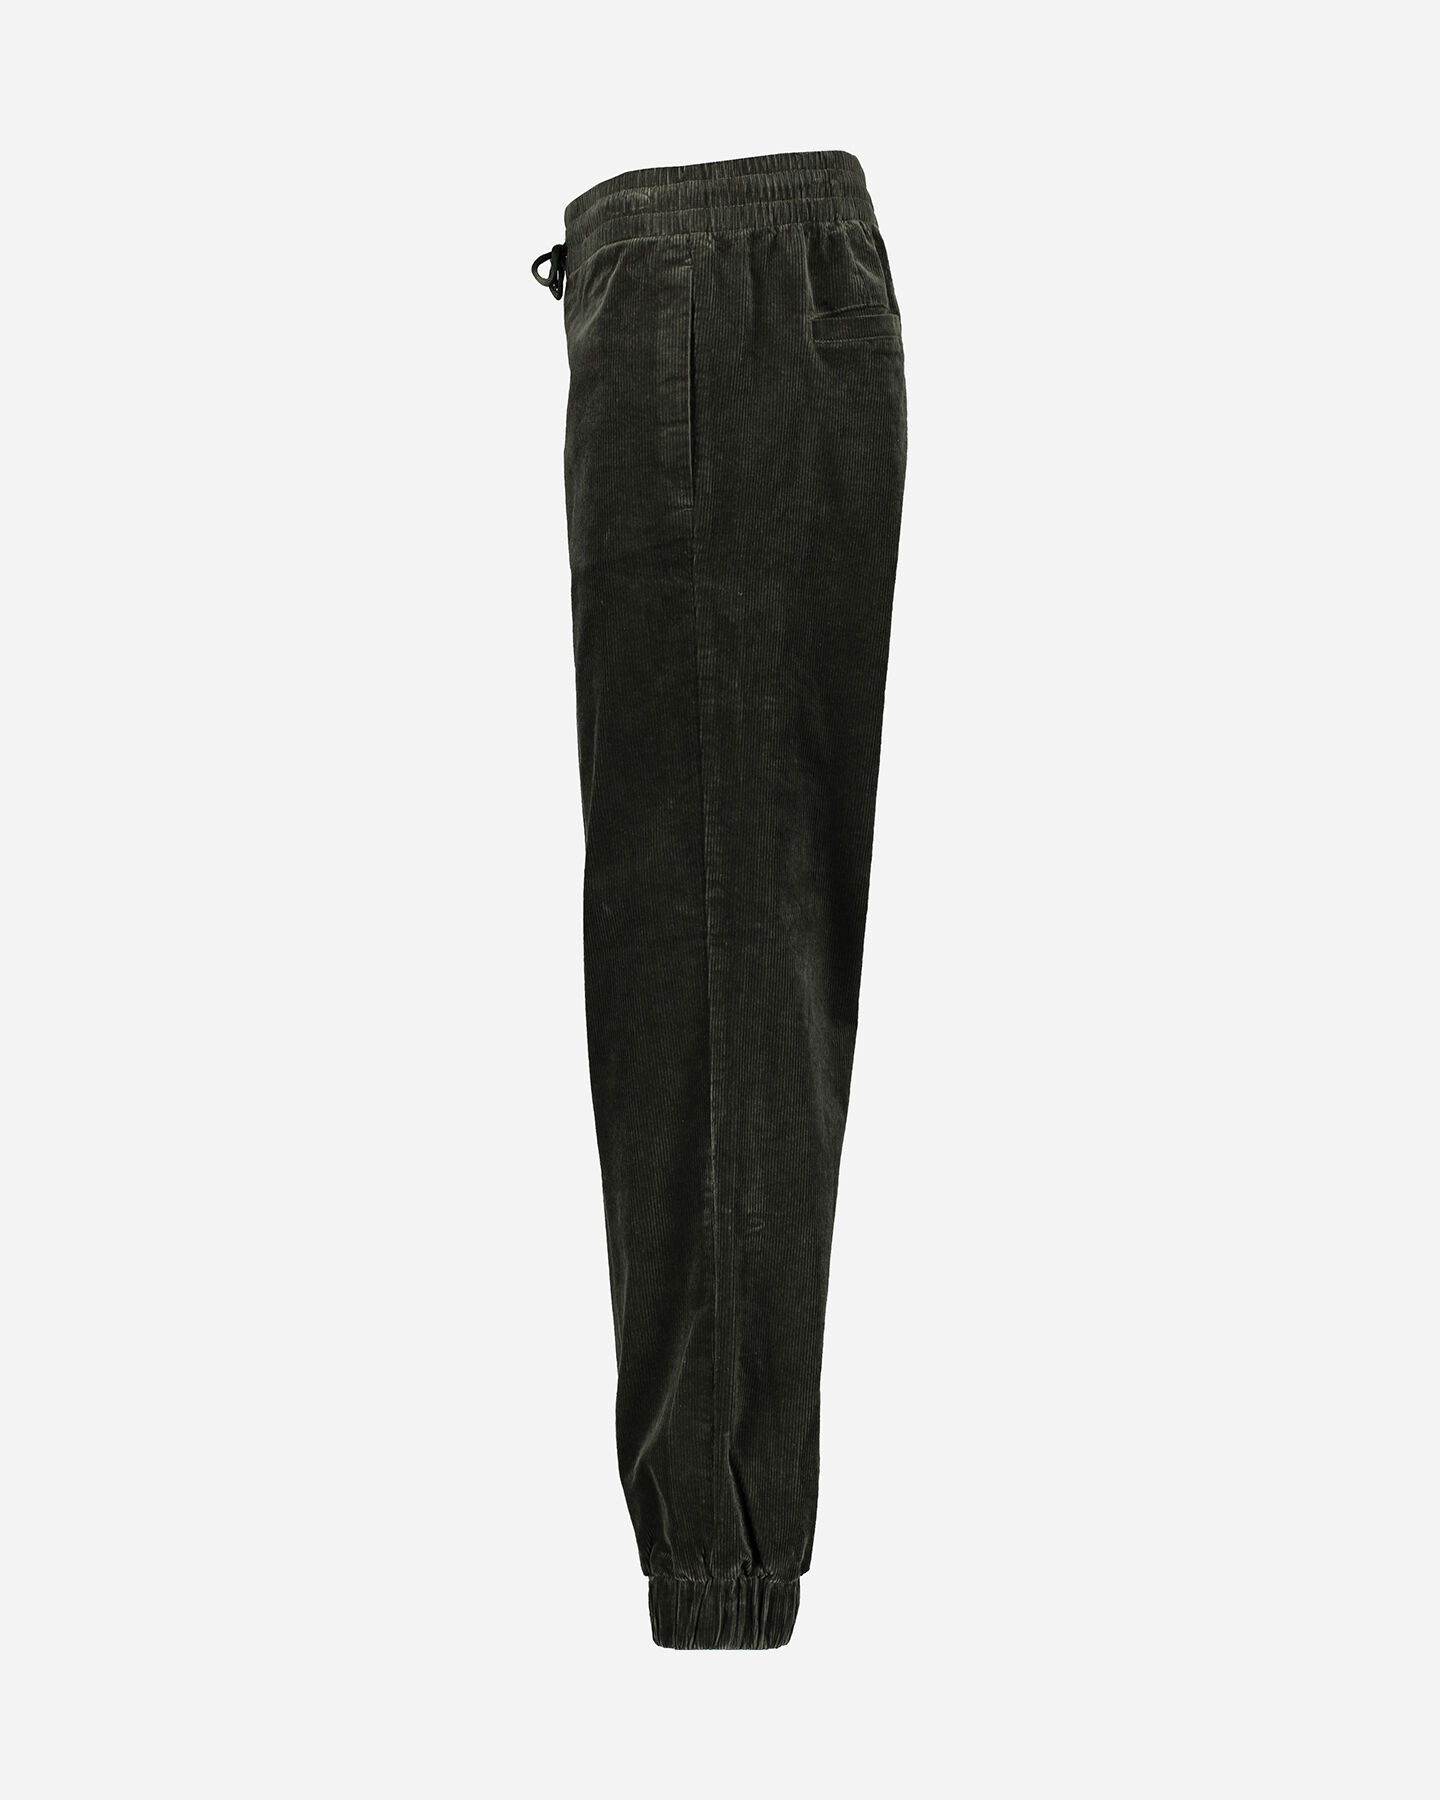 Pantalone outdoor REUSCH VELVET W S4081947 scatto 1